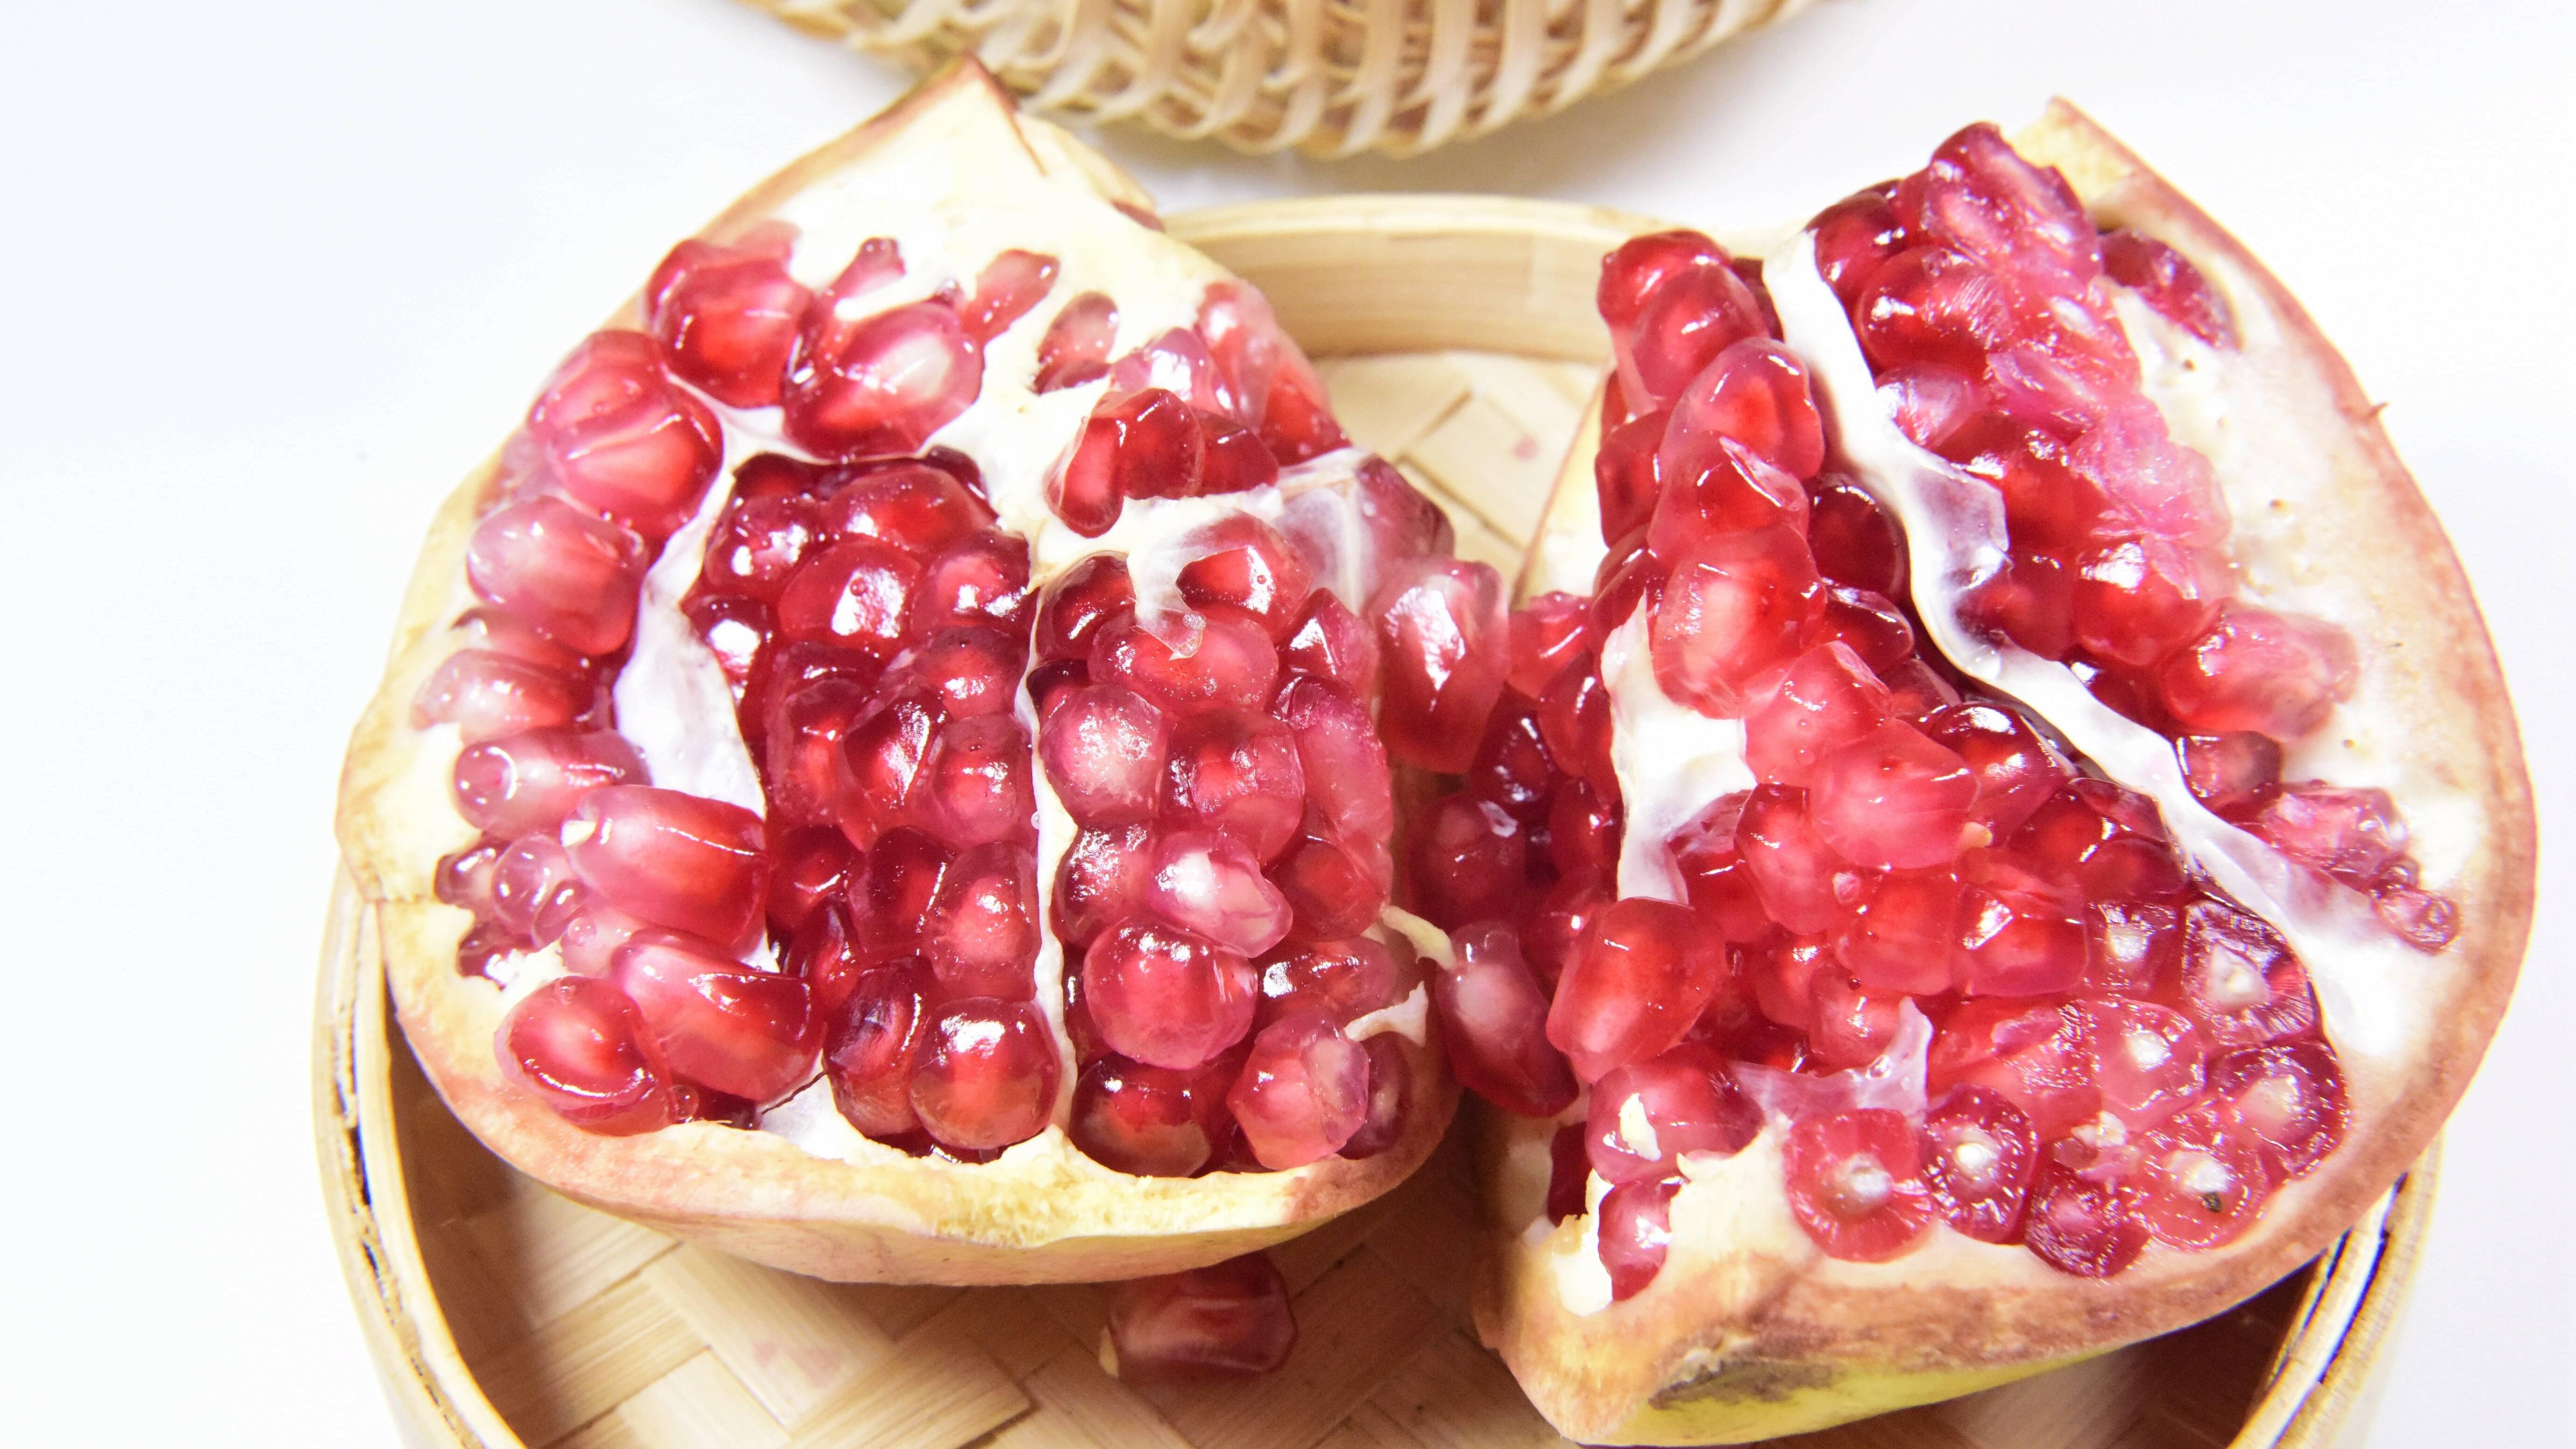 Granatapfel vor dem Schlafen essen: Wirkung der Superfrucht